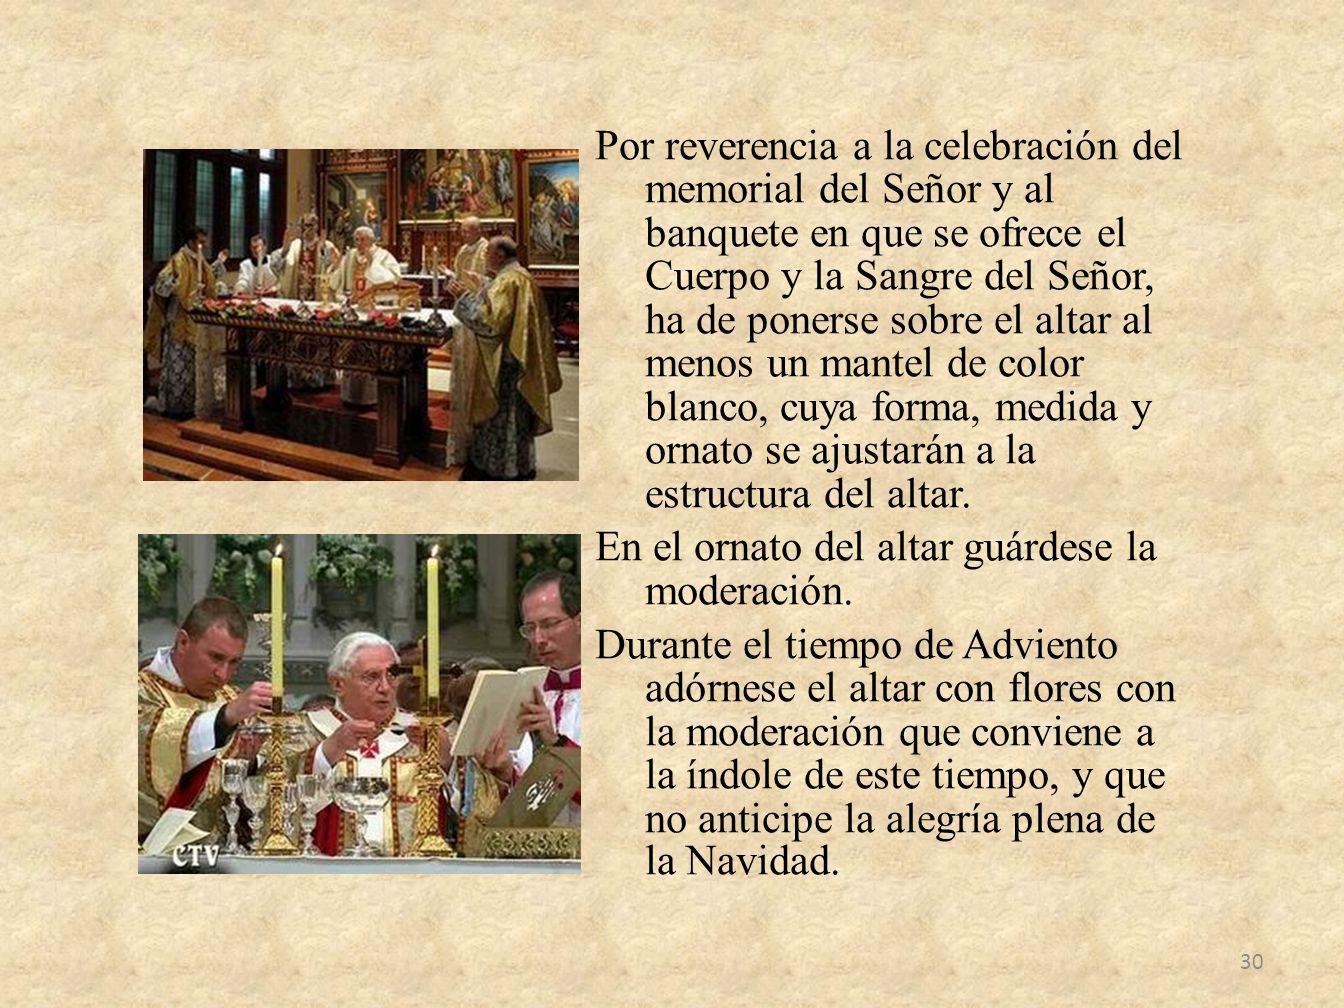 Por reverencia a la celebración del memorial del Señor y al banquete en que se ofrece el Cuerpo y la Sangre del Señor, ha de ponerse sobre el altar al menos un mantel de color blanco, cuya forma, medida y ornato se ajustarán a la estructura del altar.